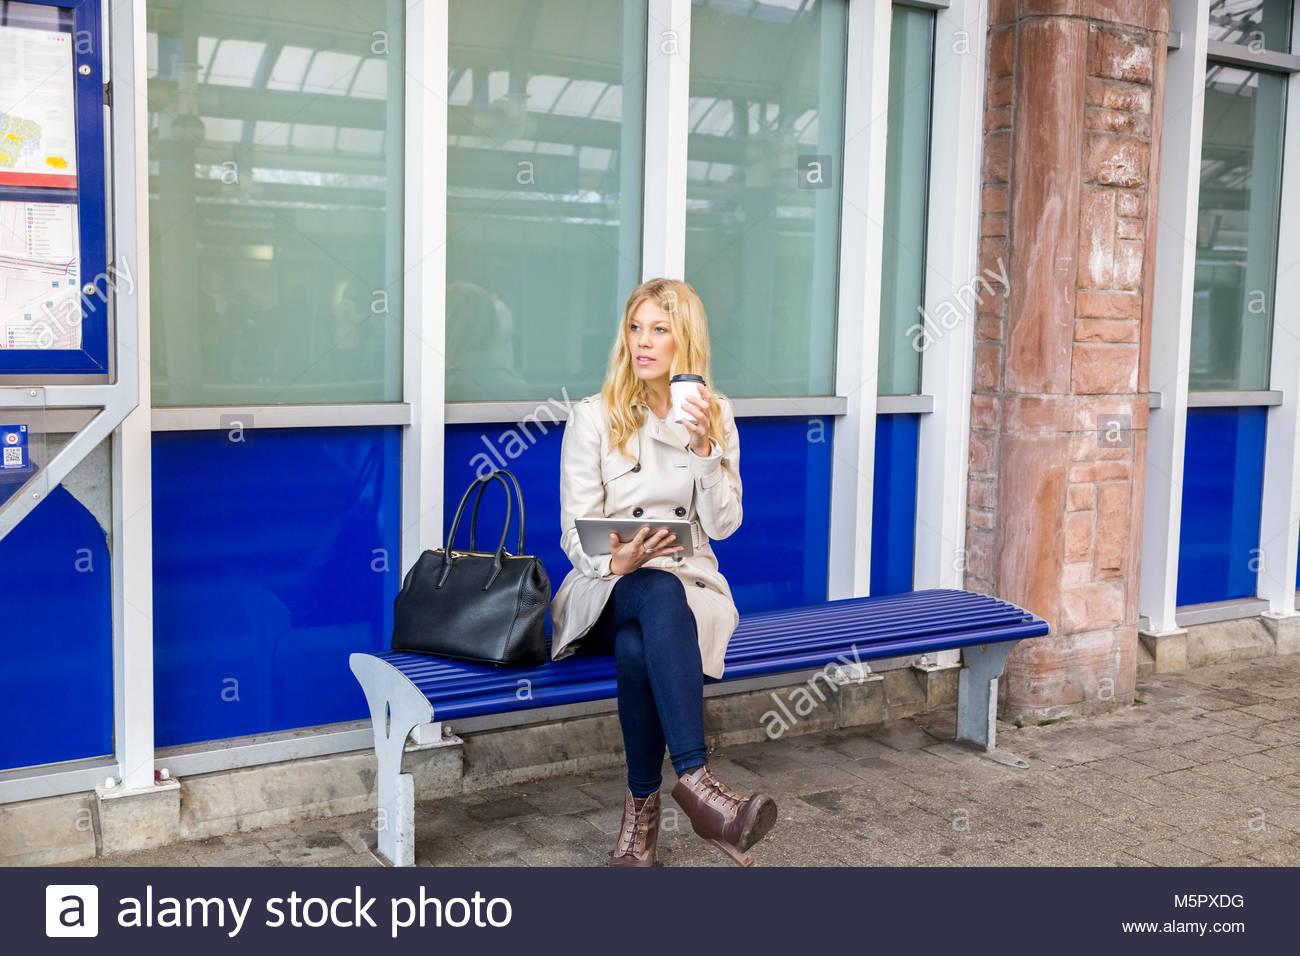 Junge Frau sitzt auf einer Bank warten Stockbild